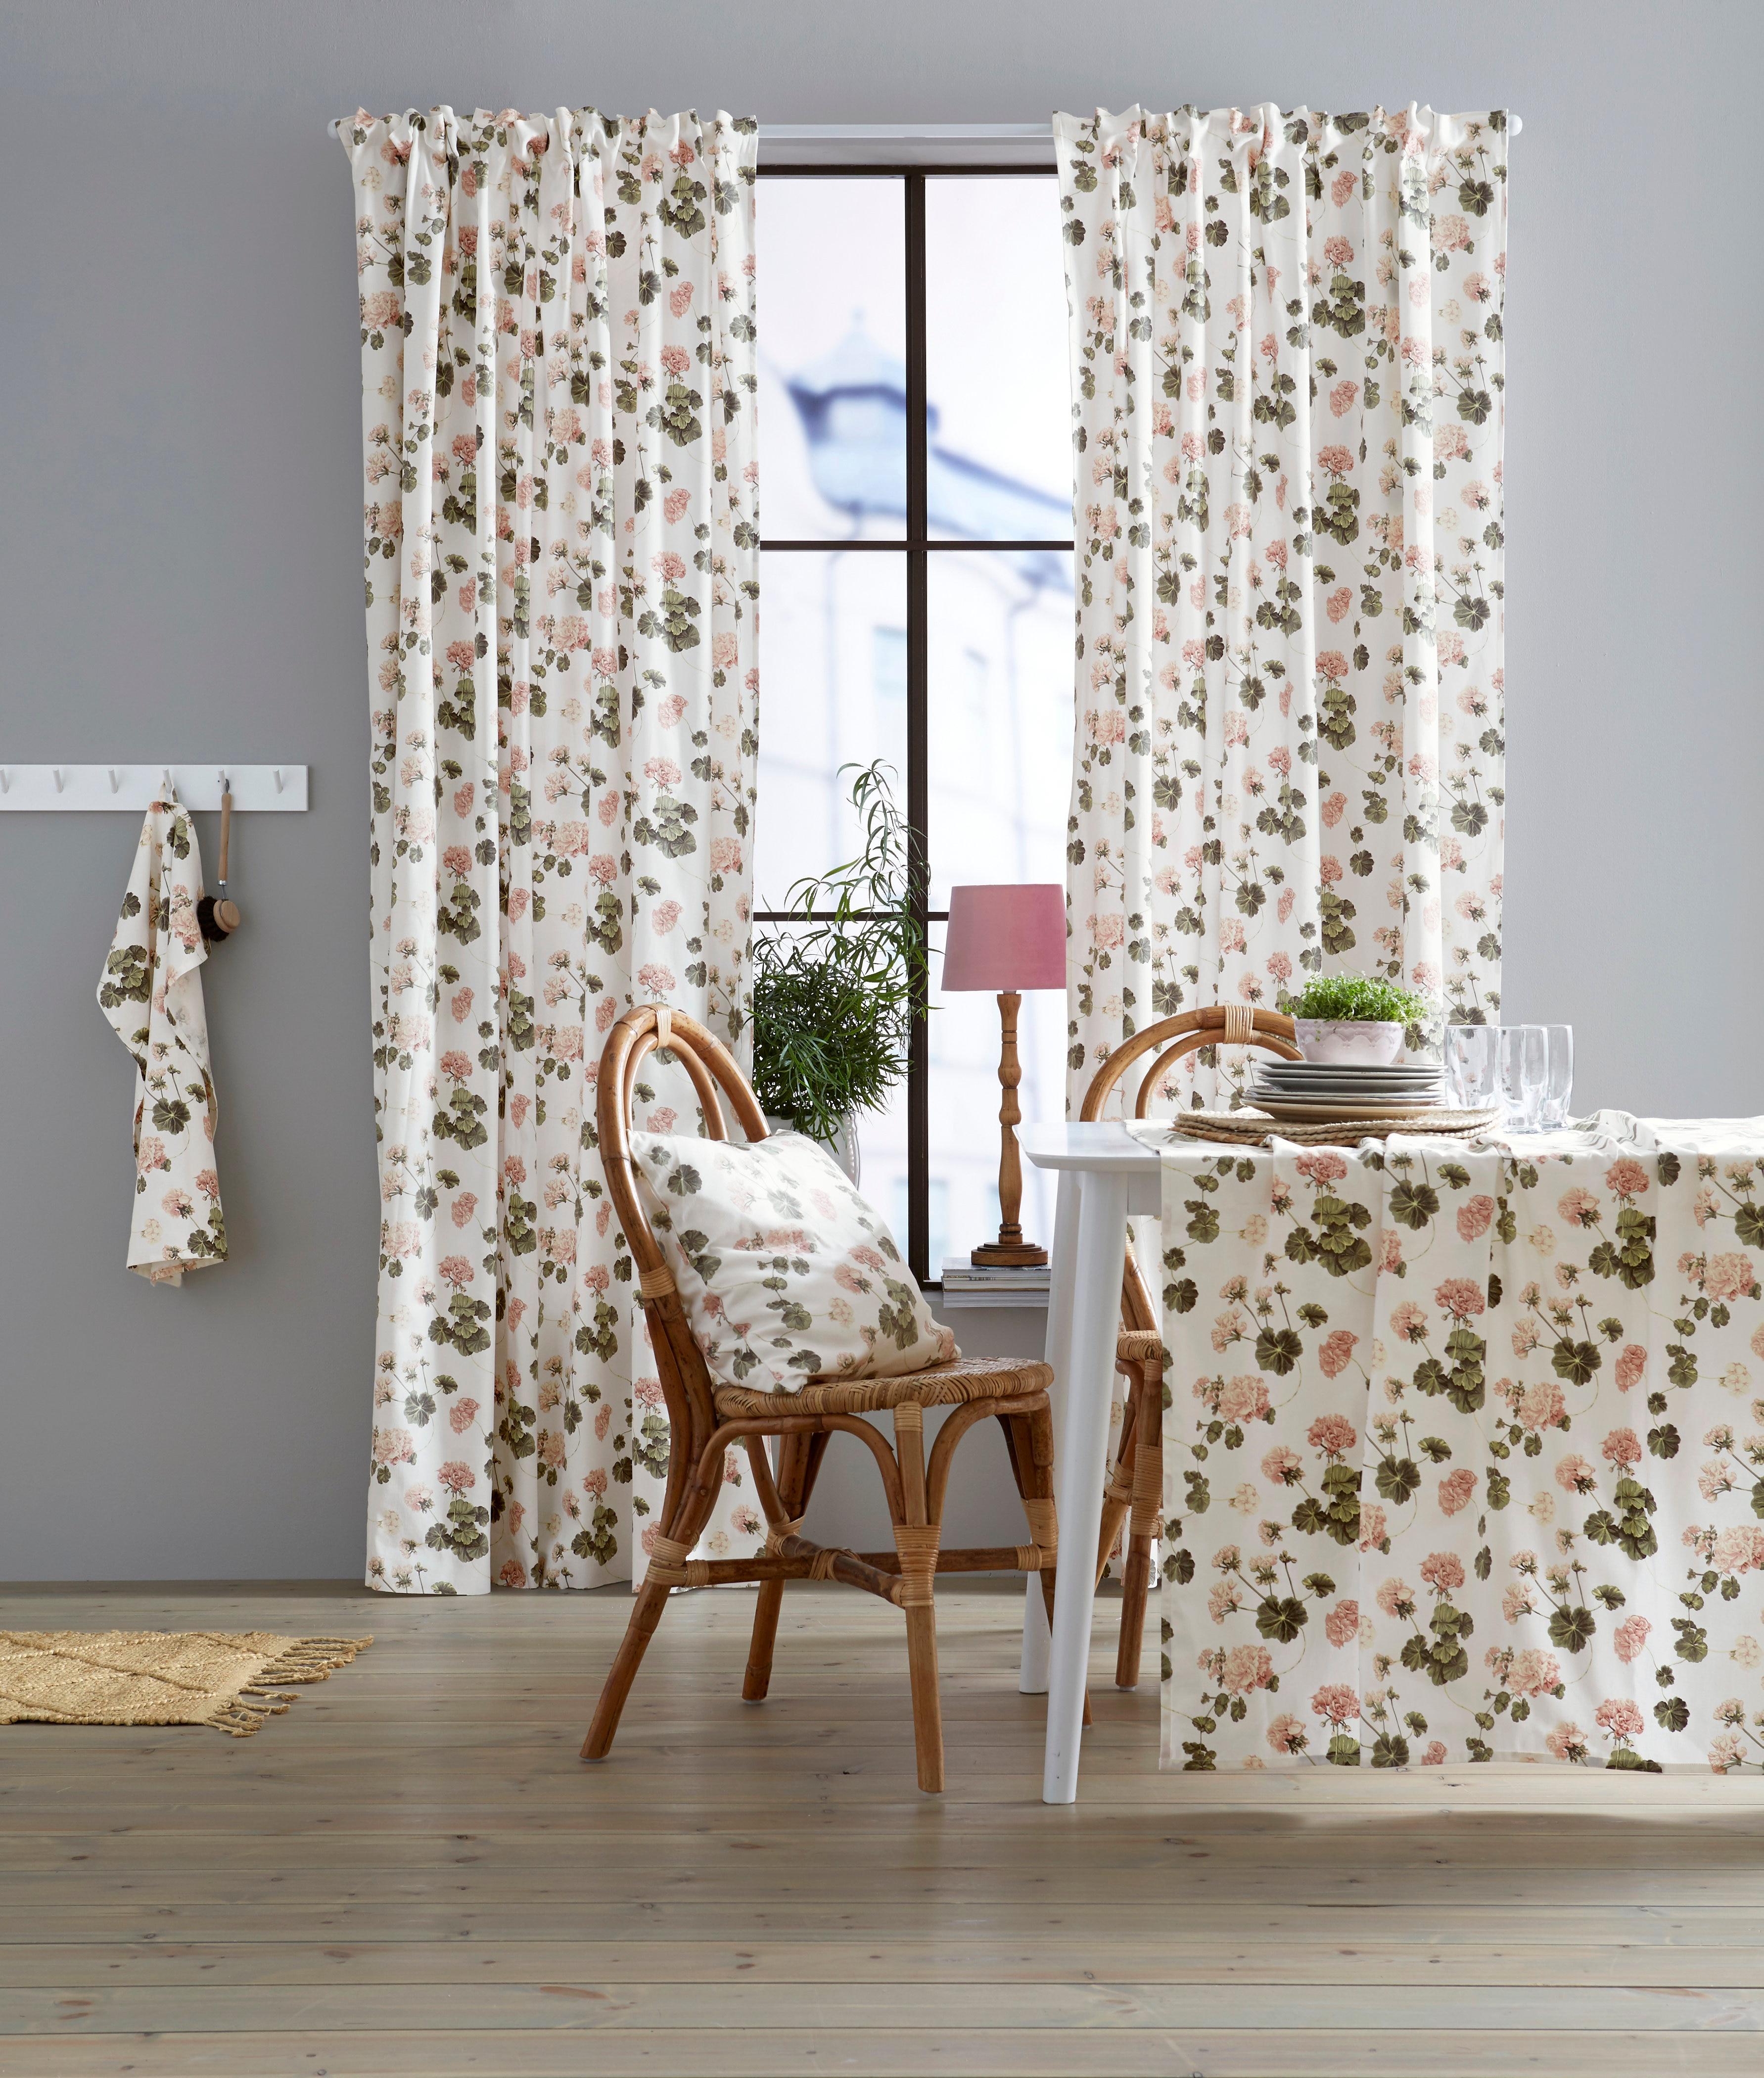 Virtuves dvielis ar pelargoniju rakstu kompl. 2 gabali